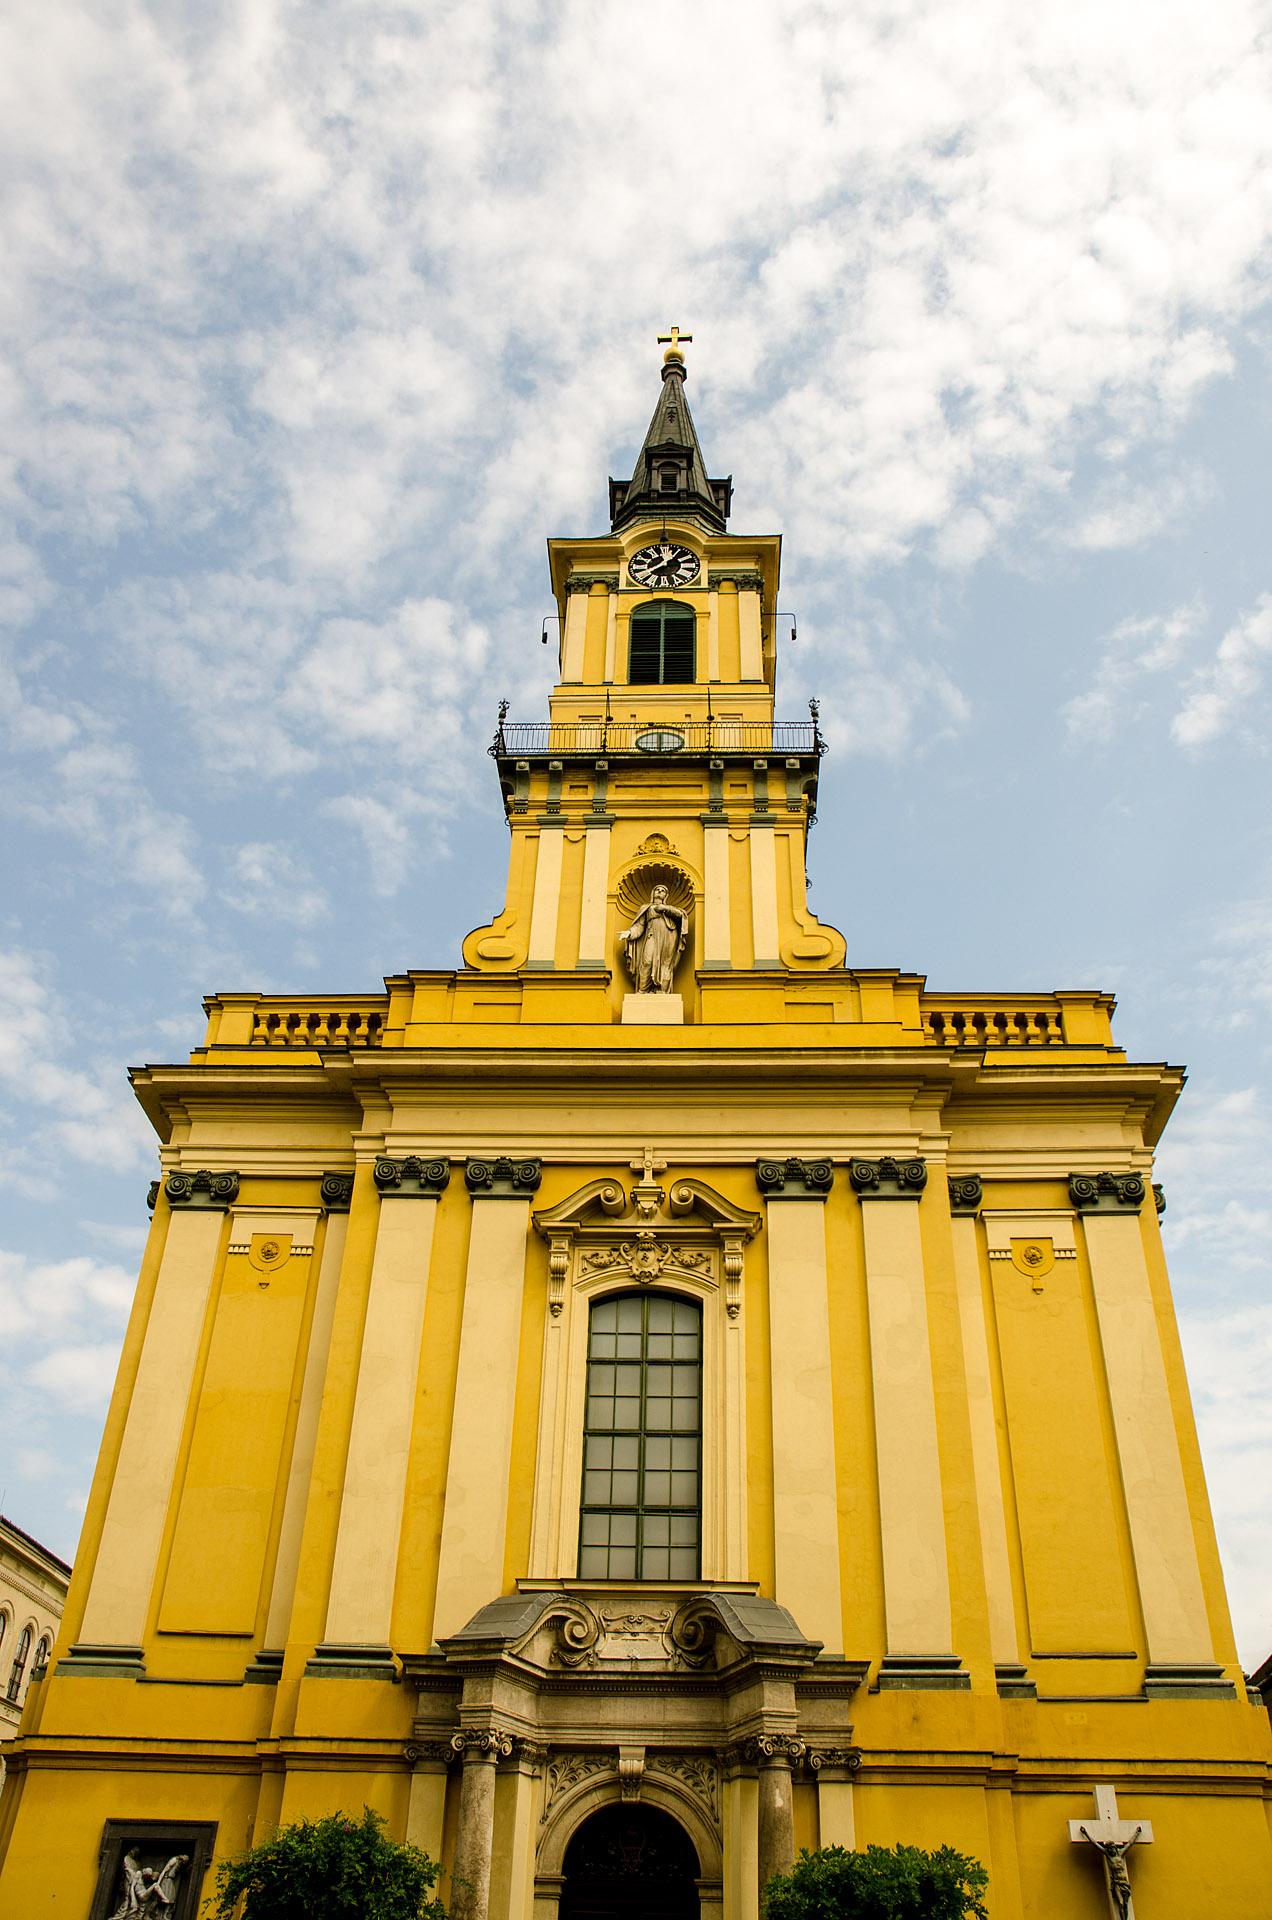 Church of St. Teresa of Avila